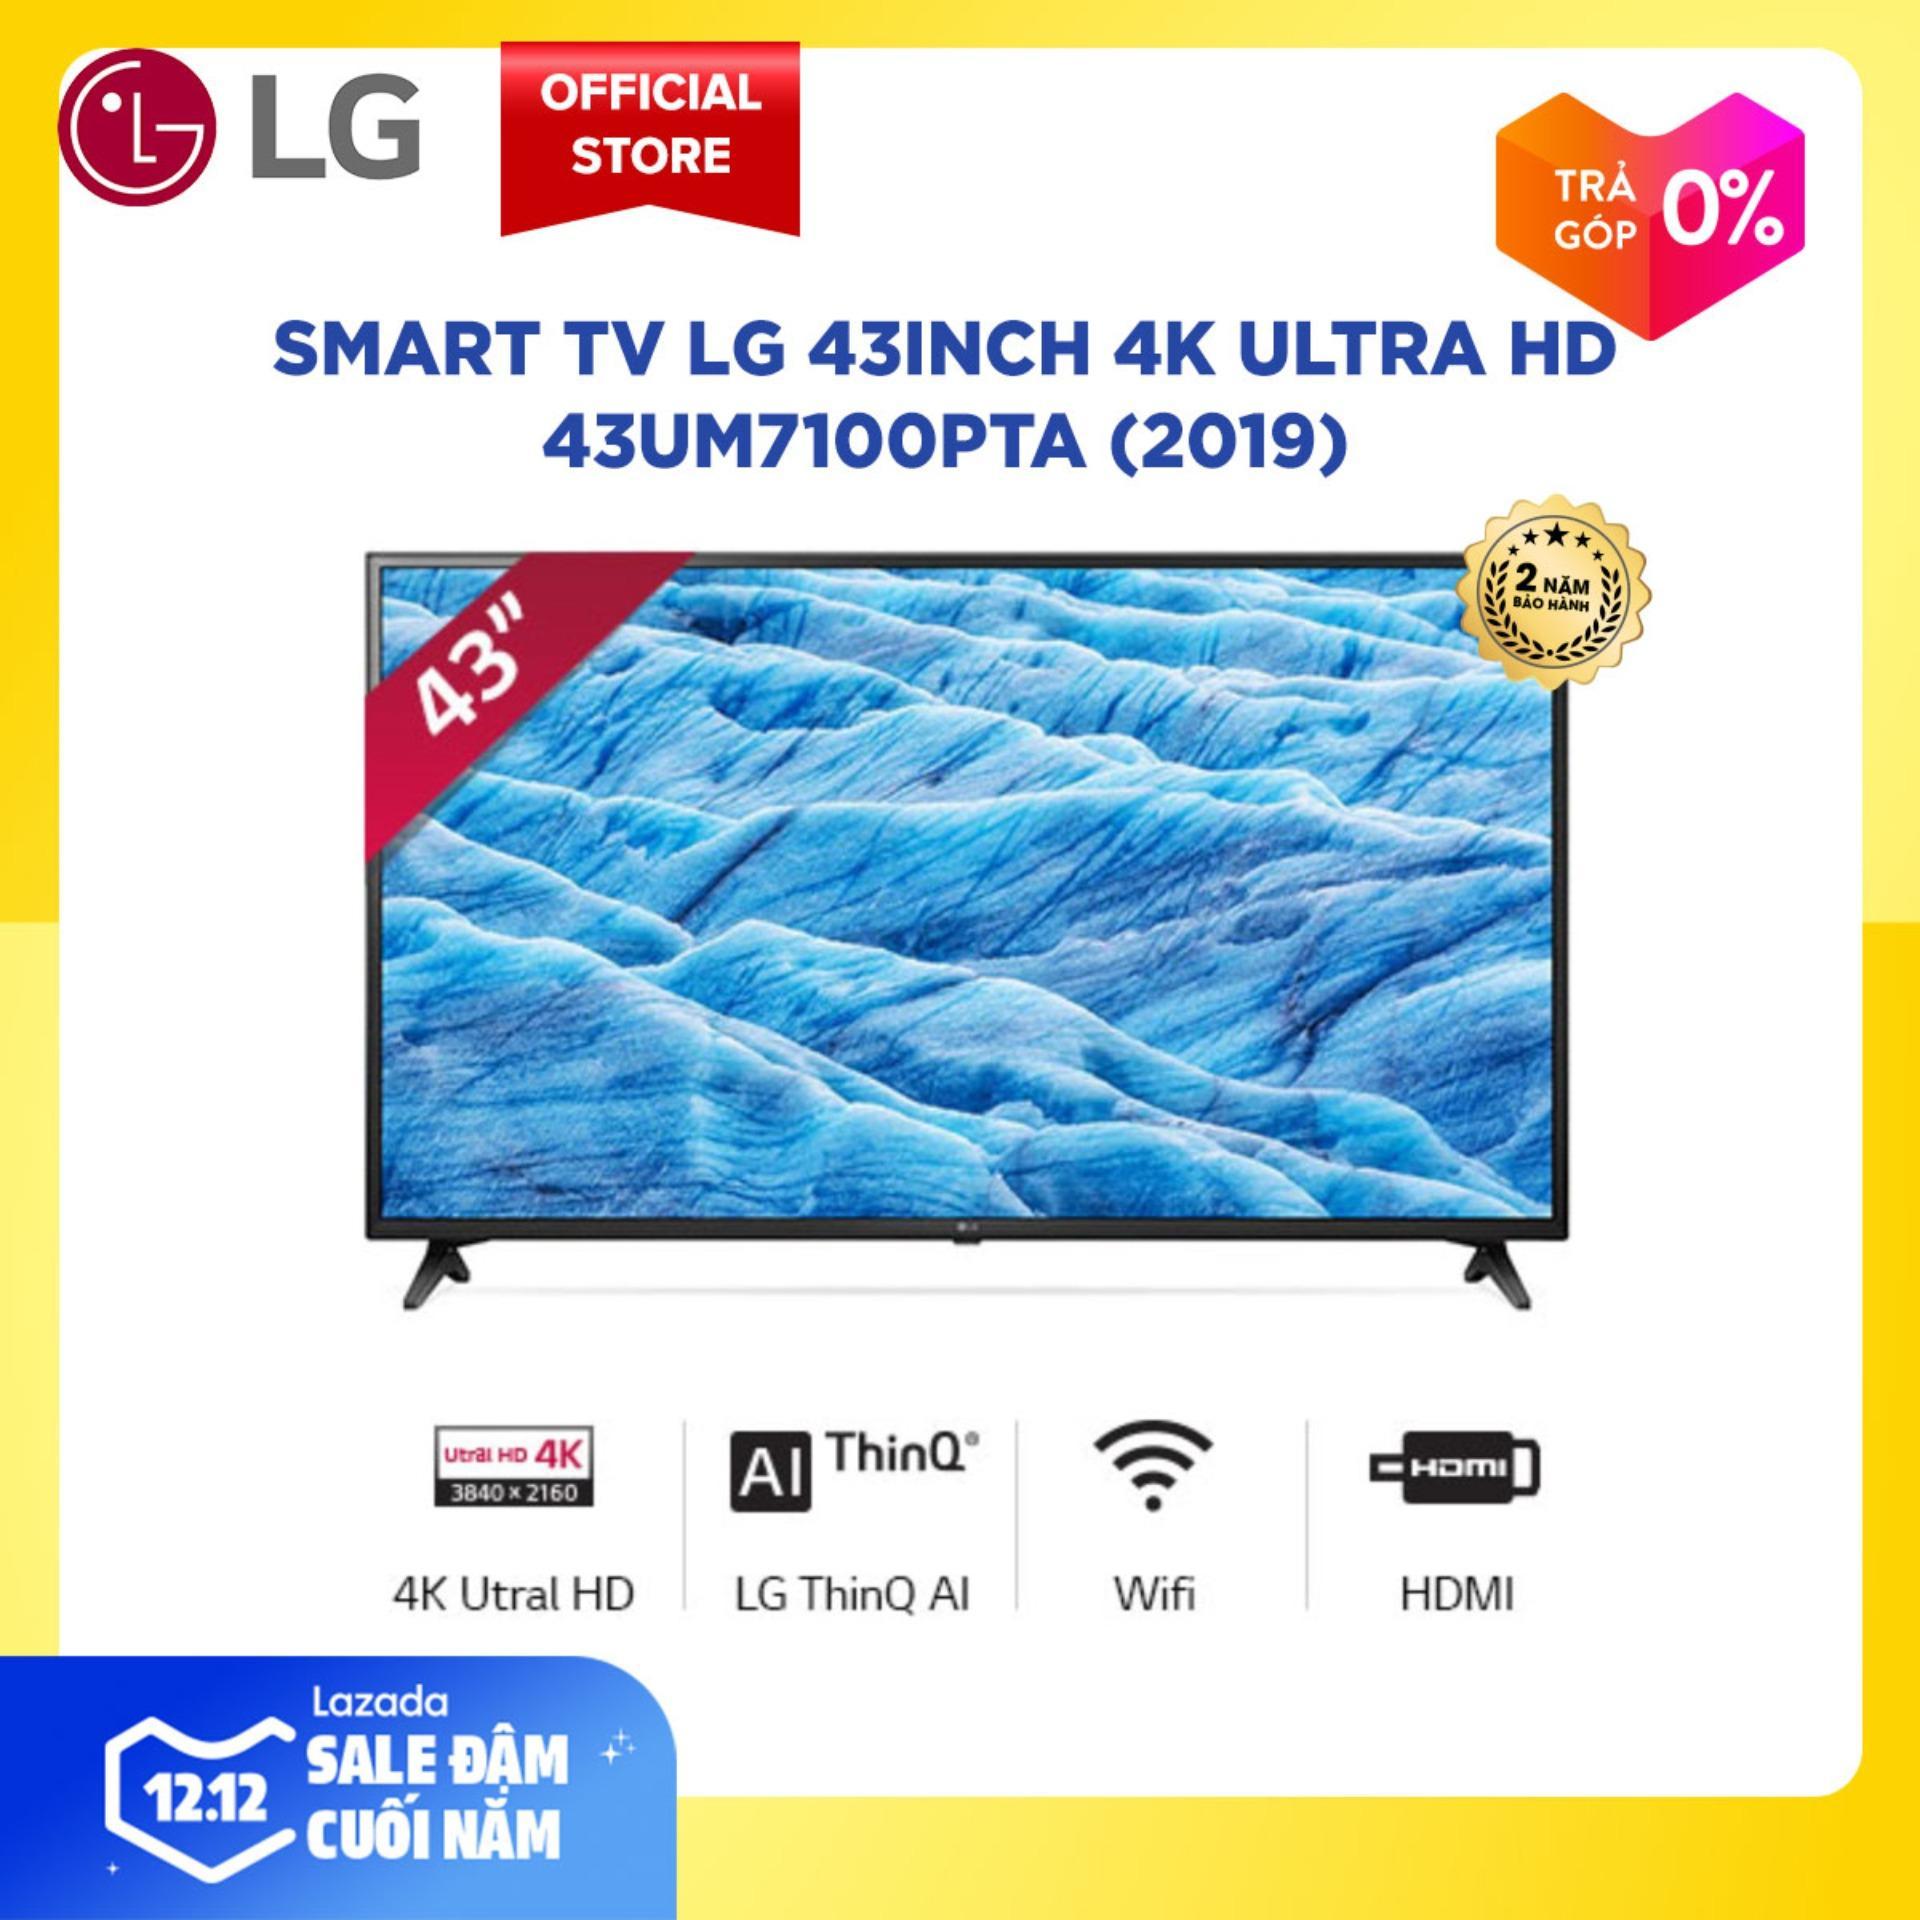 Smart TV LG 43inch 4K UHD - Model 43UM7100PTA (2019) độ Phân Giải 3840x2160 Hệ điều Hành WebOS 4.0 Trí Tuệ Nhân Tạo AI - Hãng Phân Phối Chính Thức Khuyến Mại Hot